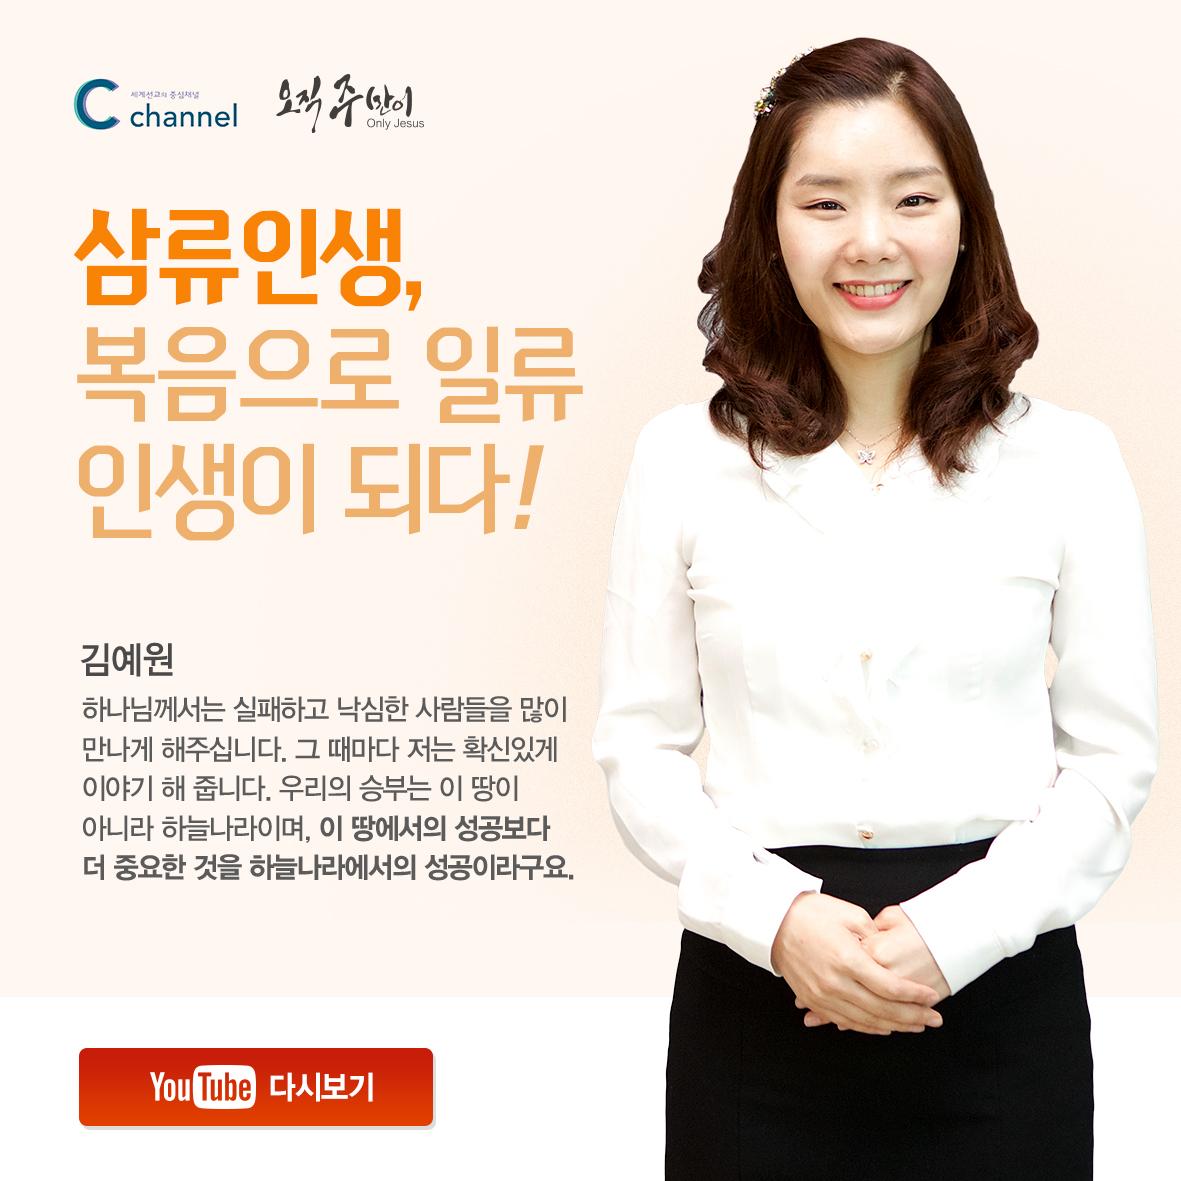 [춘천 한마음교회 간증] '삼류인생, 복음으로 일류..